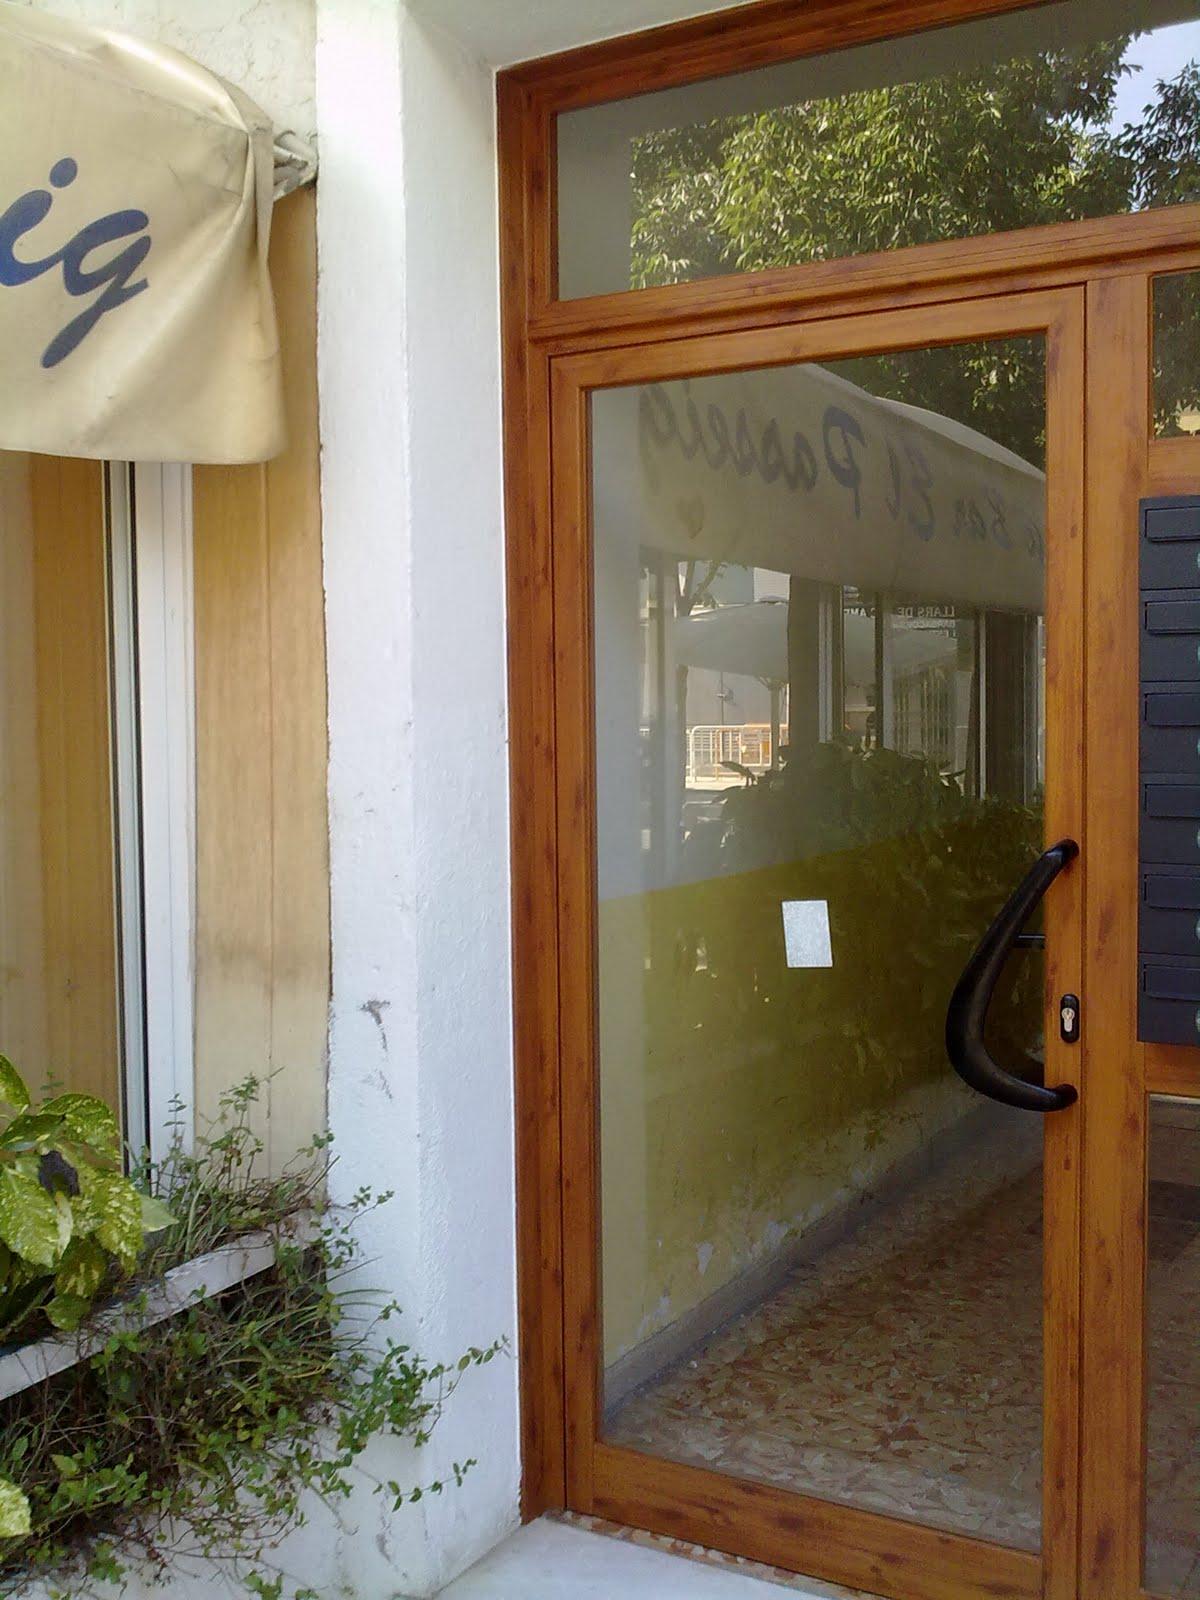 Puertas y venatanas de aluminio en girona puertas - Puertas de aluminio imitacion madera ...